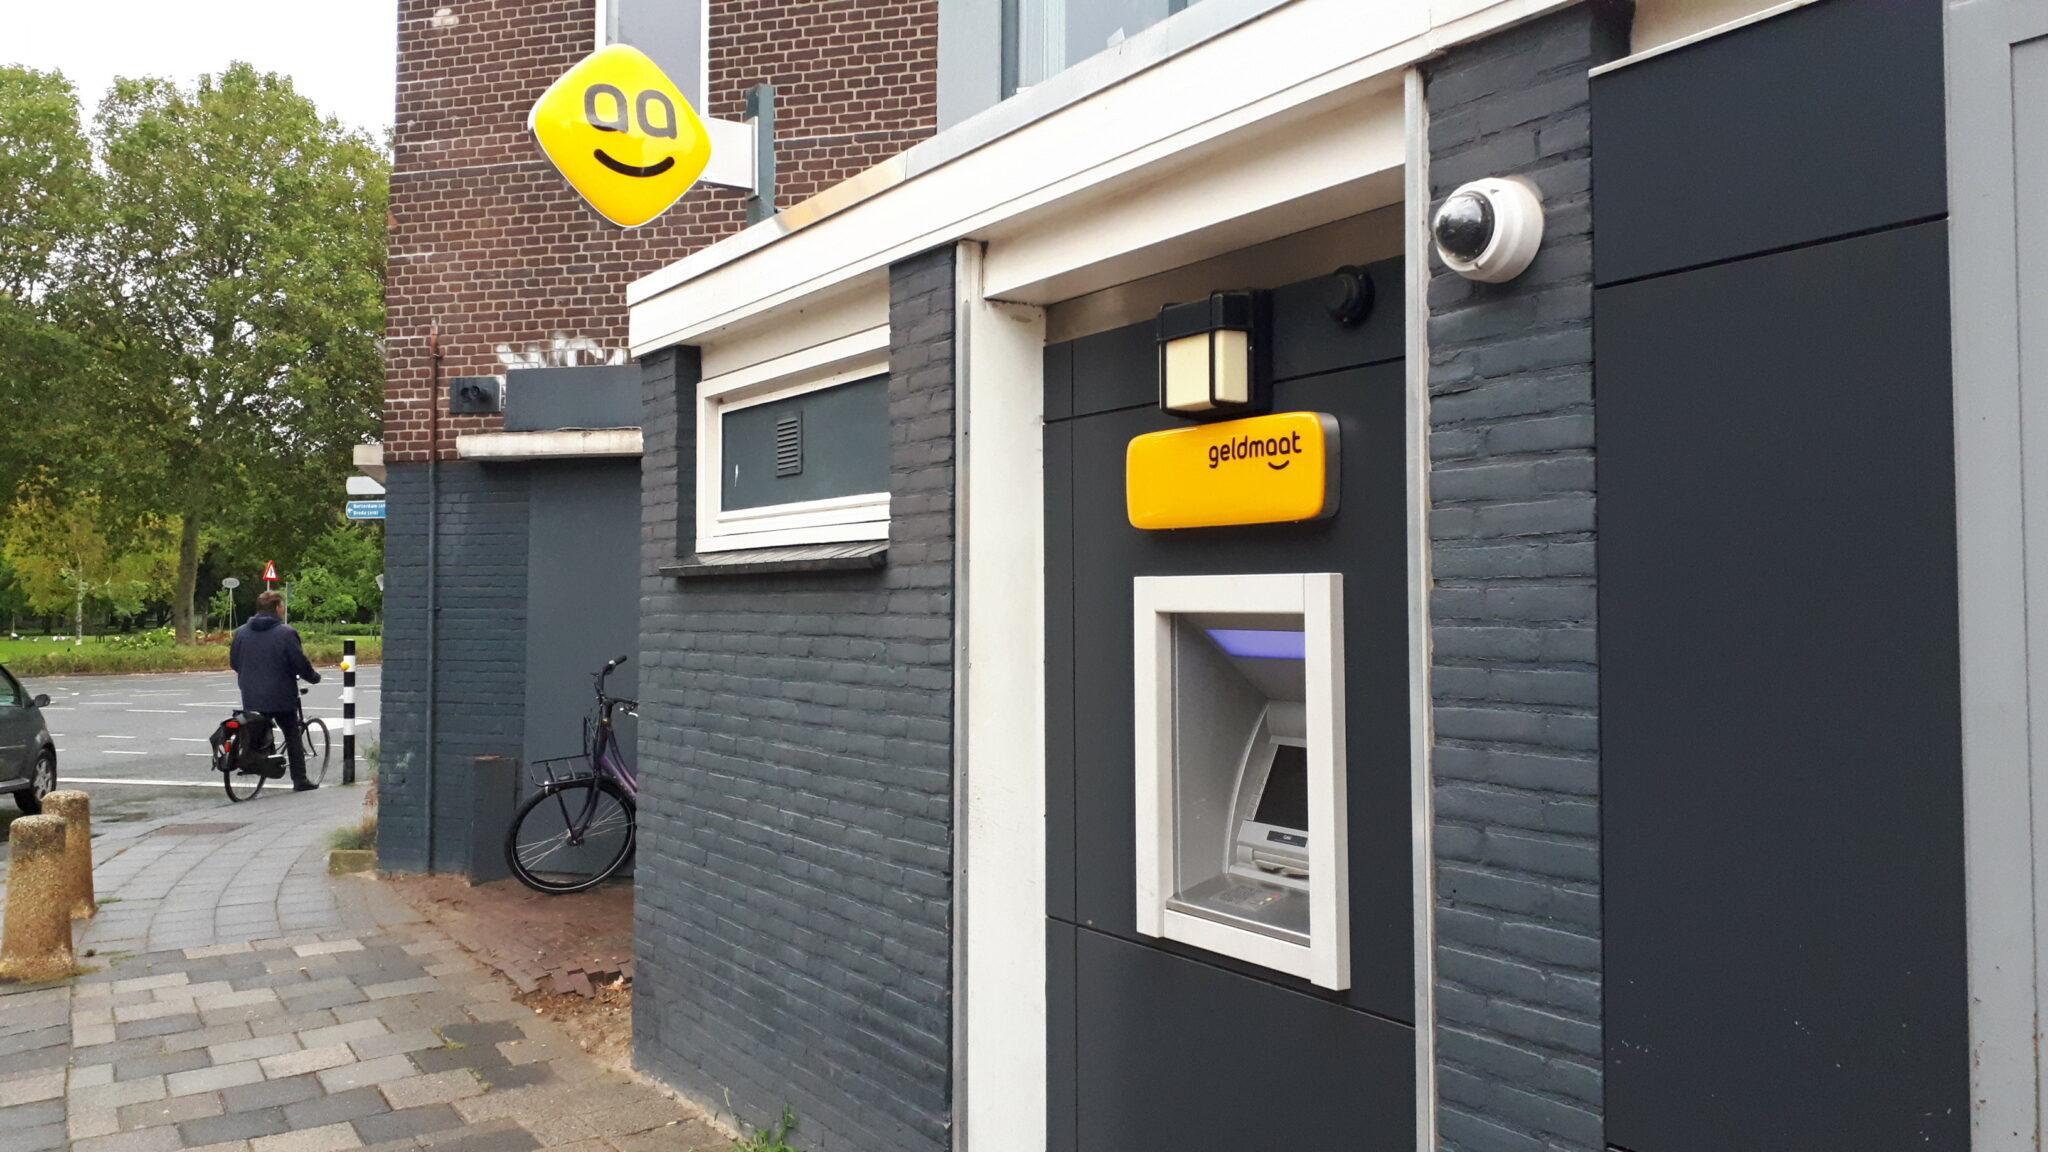 Geldautomaat geldmaat pinnen Dordrecht